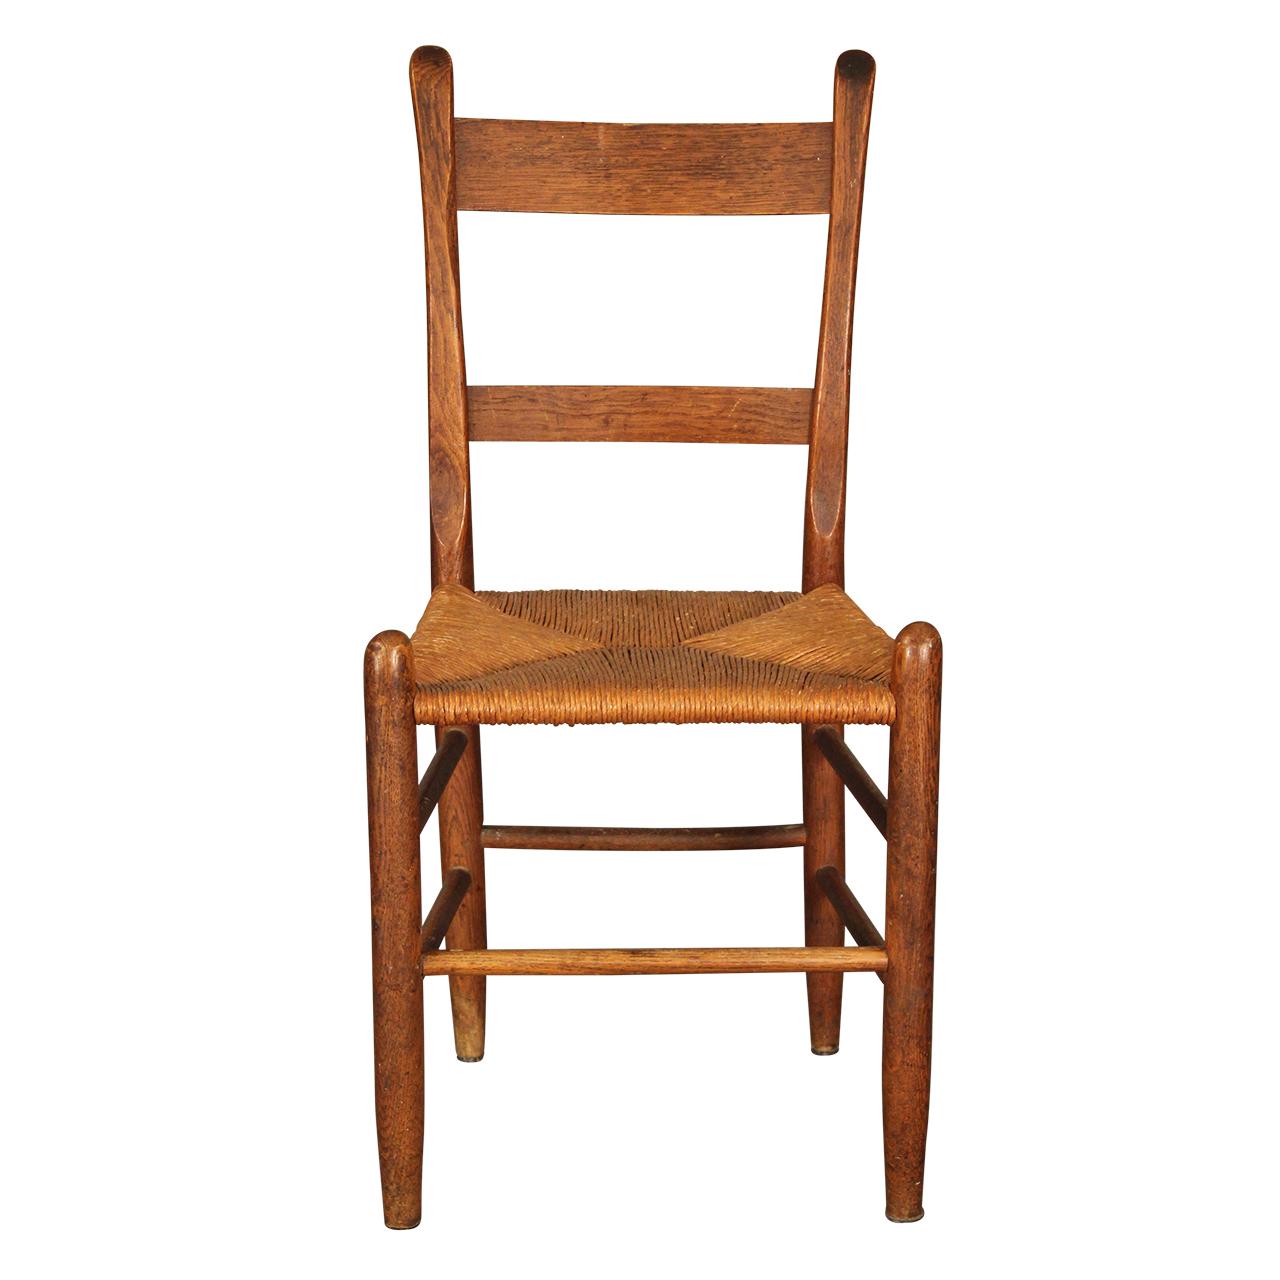 Antique Rush-Seat Shaker Chair Antique Rush-Seat Shaker Chair ... - Antique Rush-Seat Shaker Chair - IATESTA STUDIO